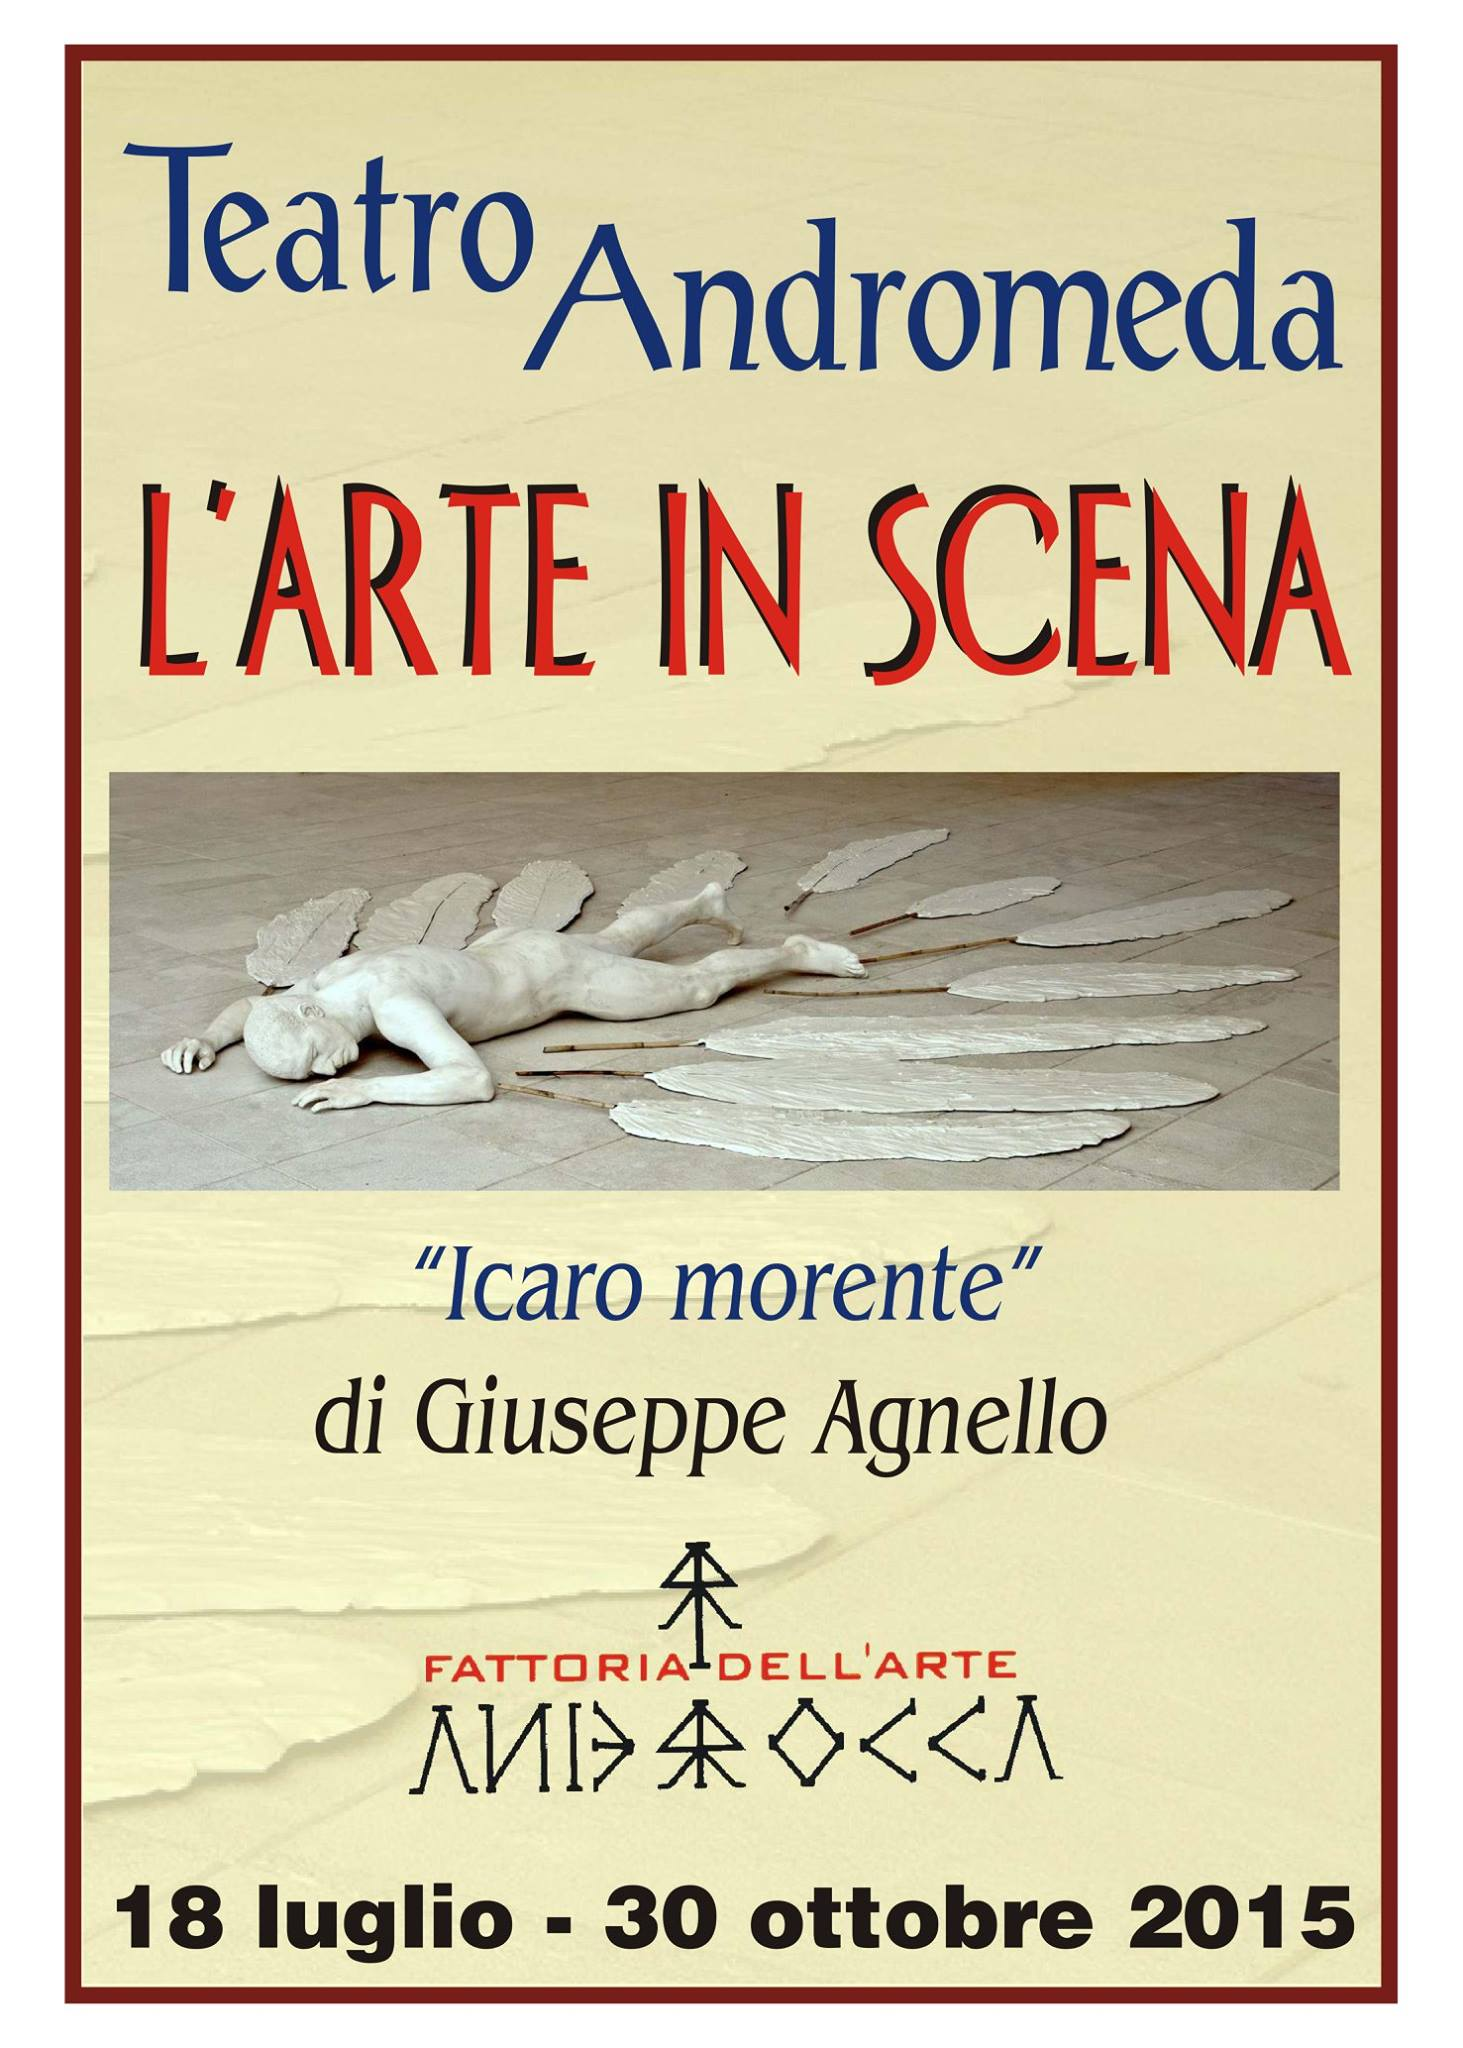 Giuseppe Agnello